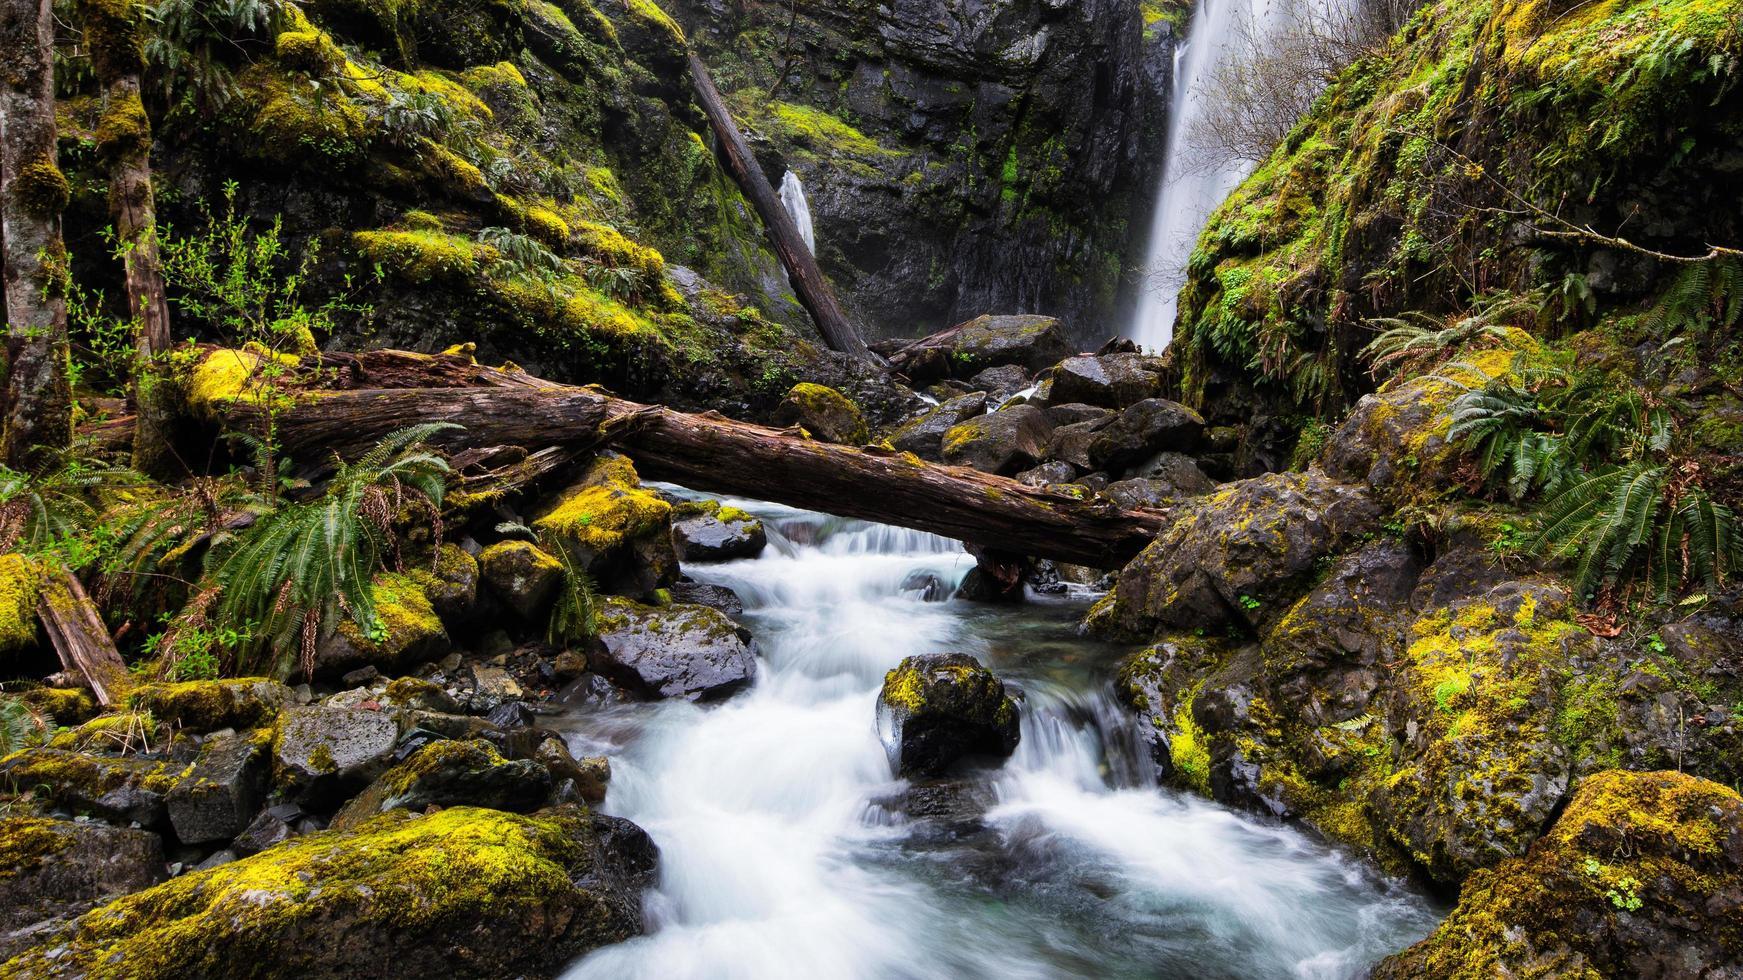 vattenfallet mellan klipporna foto